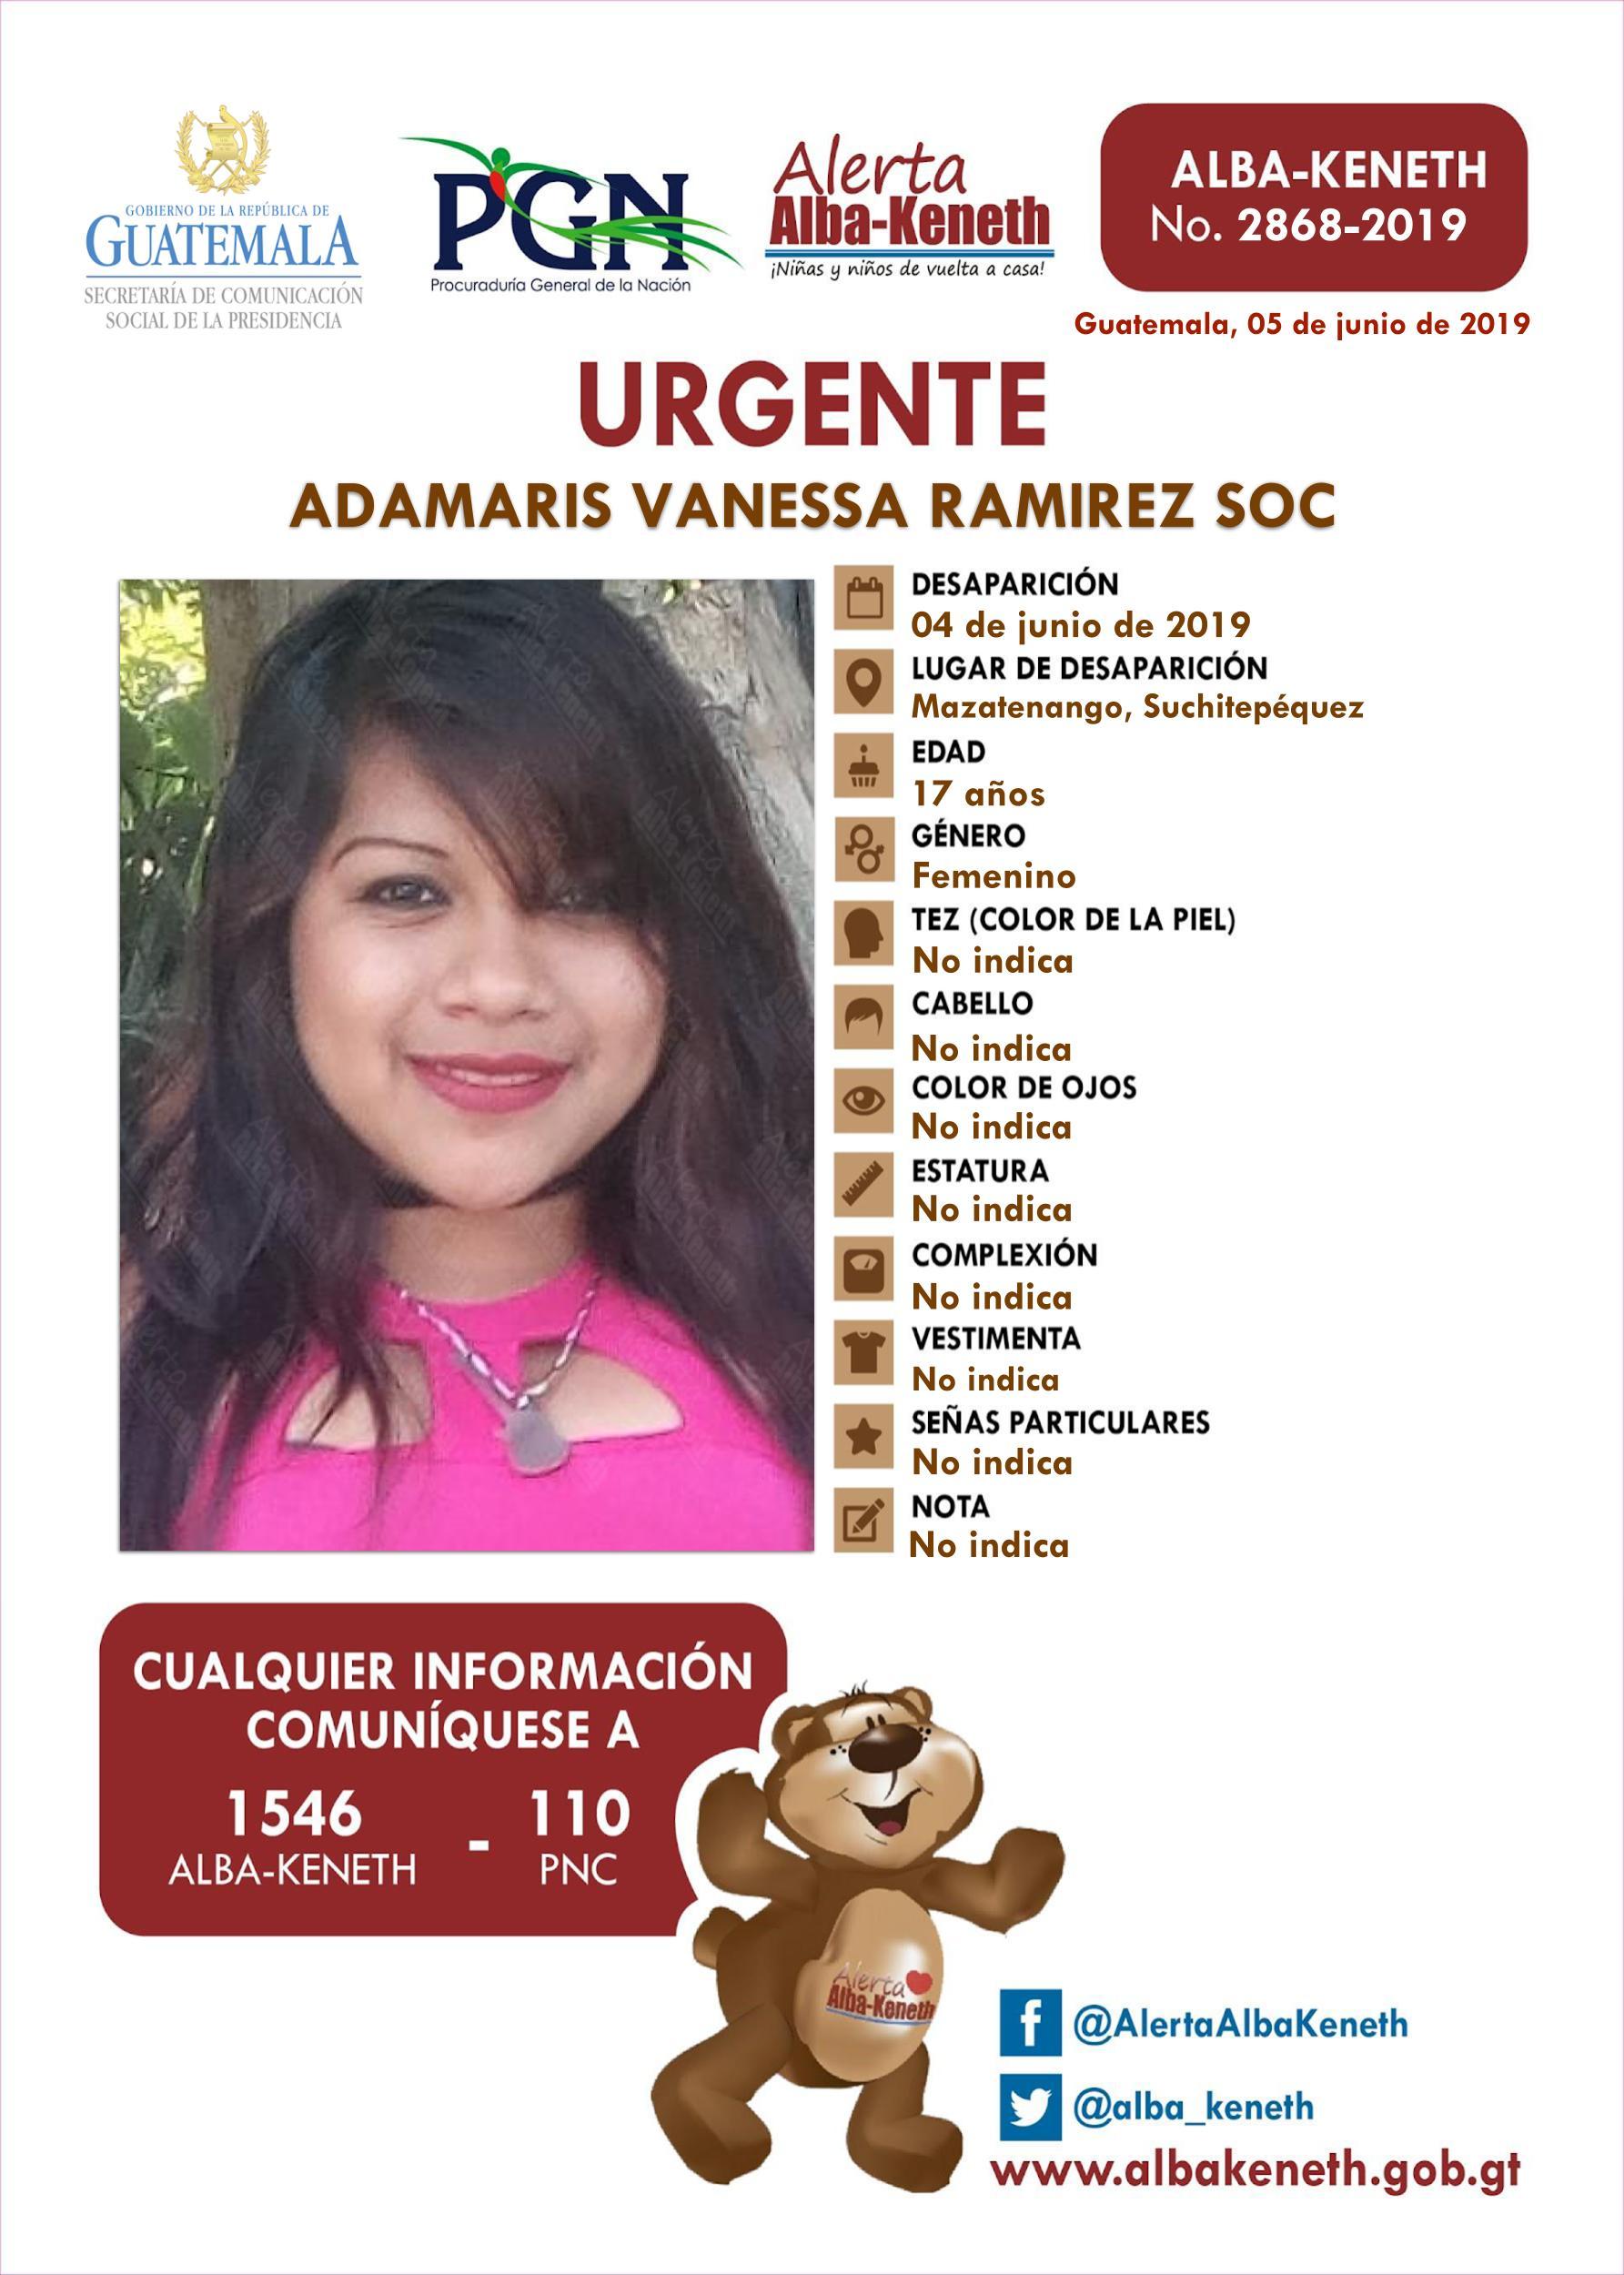 Adamaris Vanessa Ramirez Soc